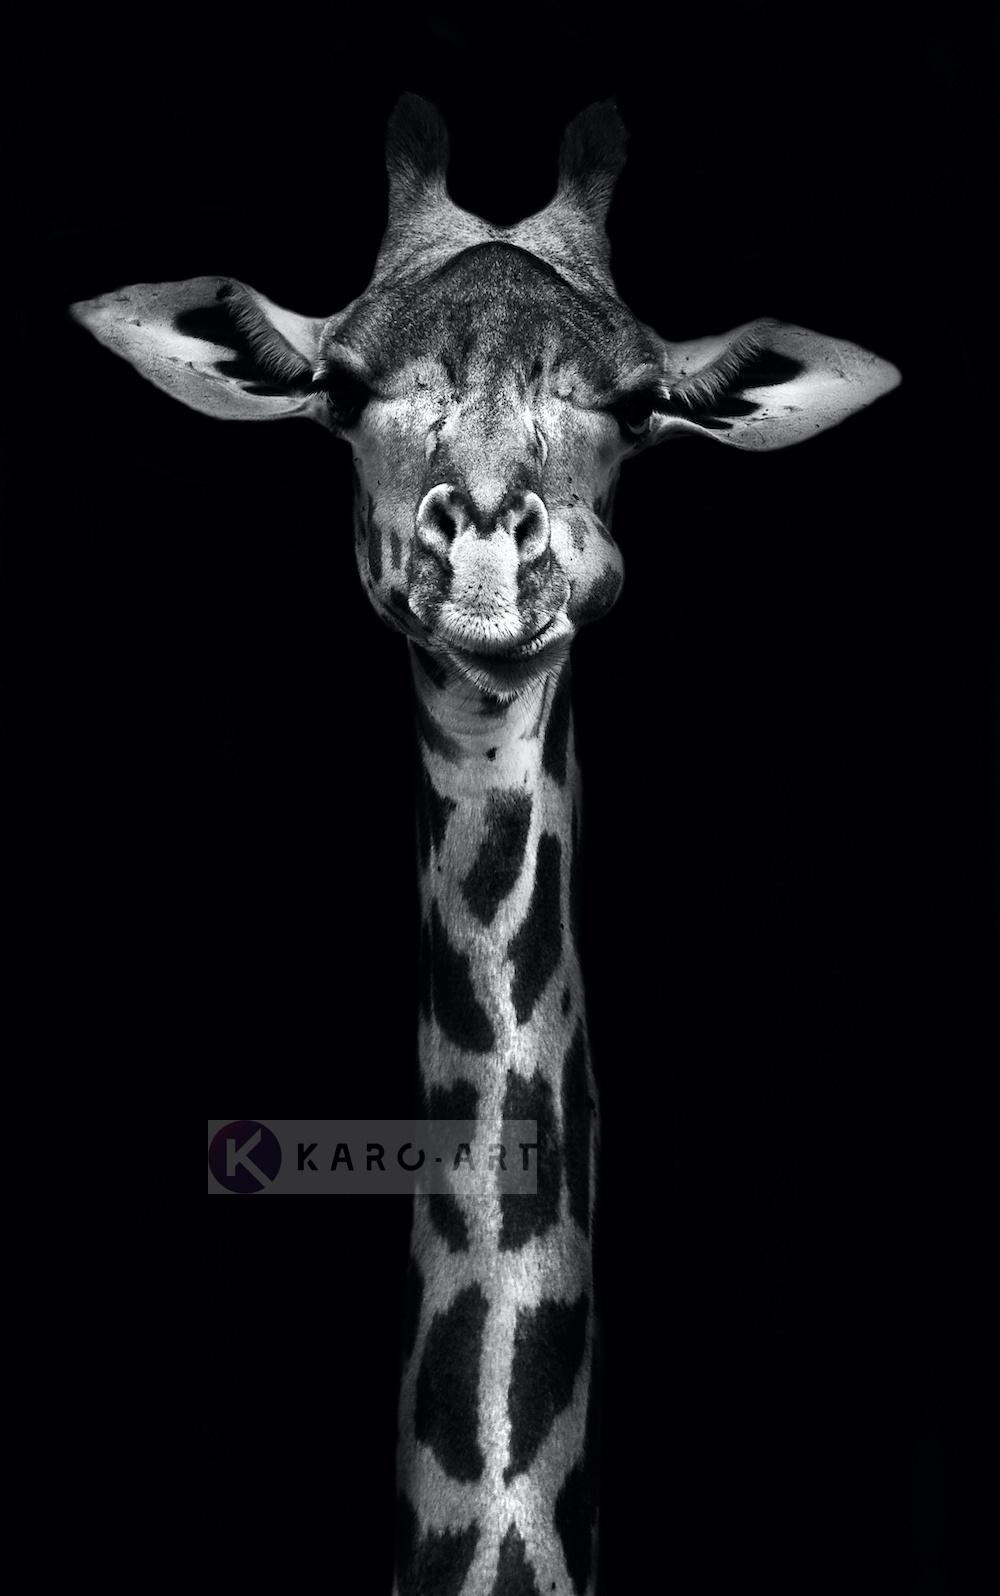 Afbeelding op acrylglas - Giraf